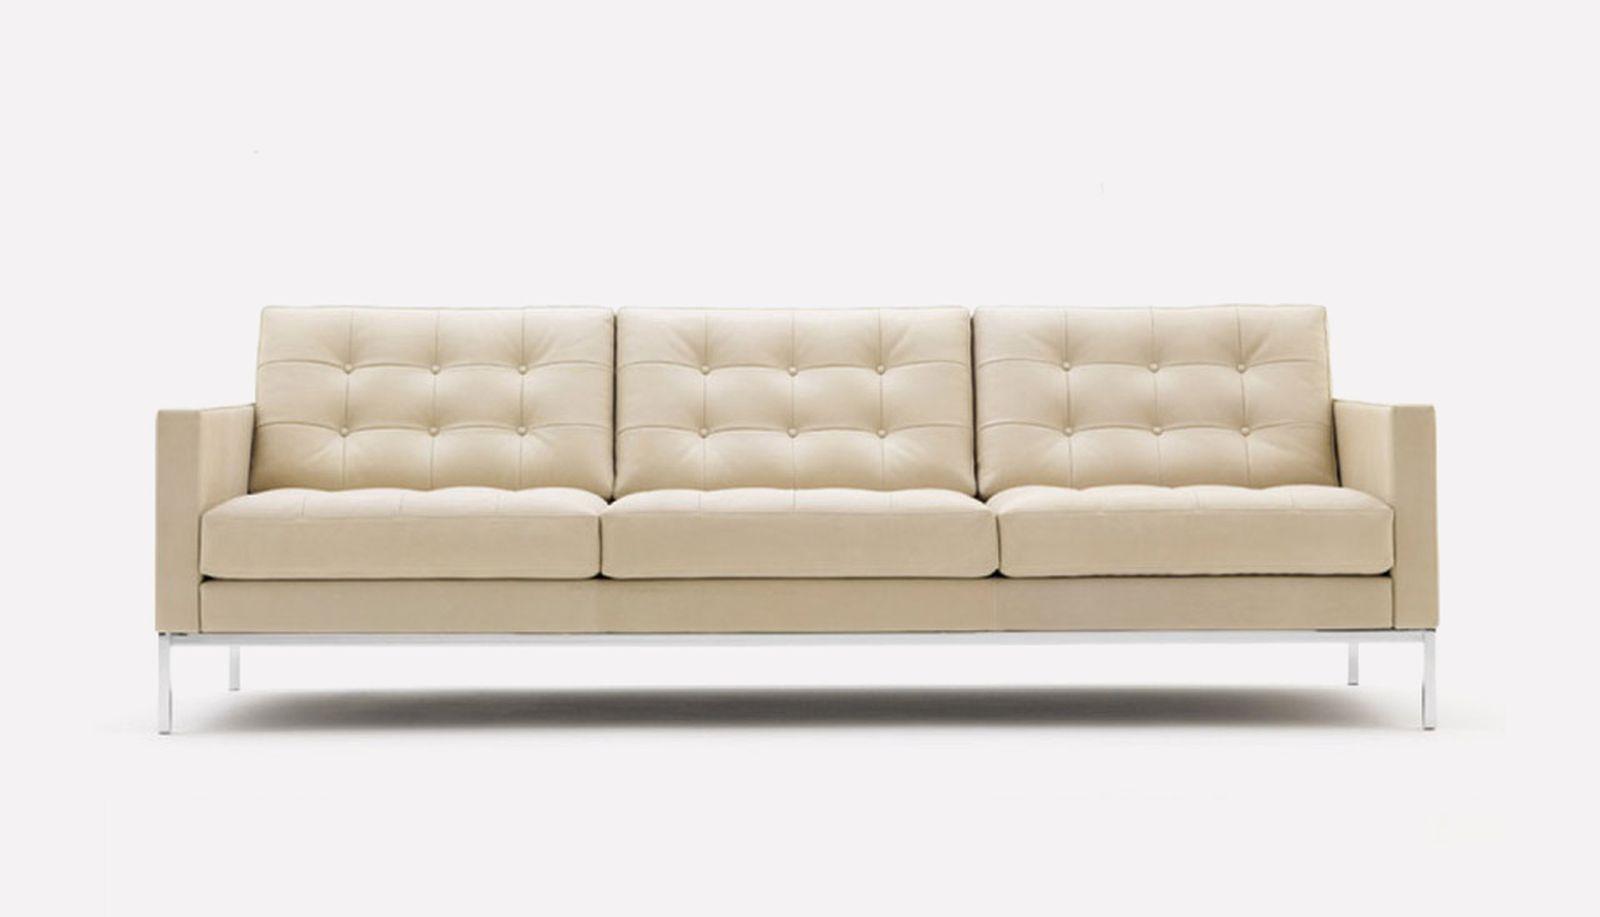 Florence-Knoll-Sofa-2